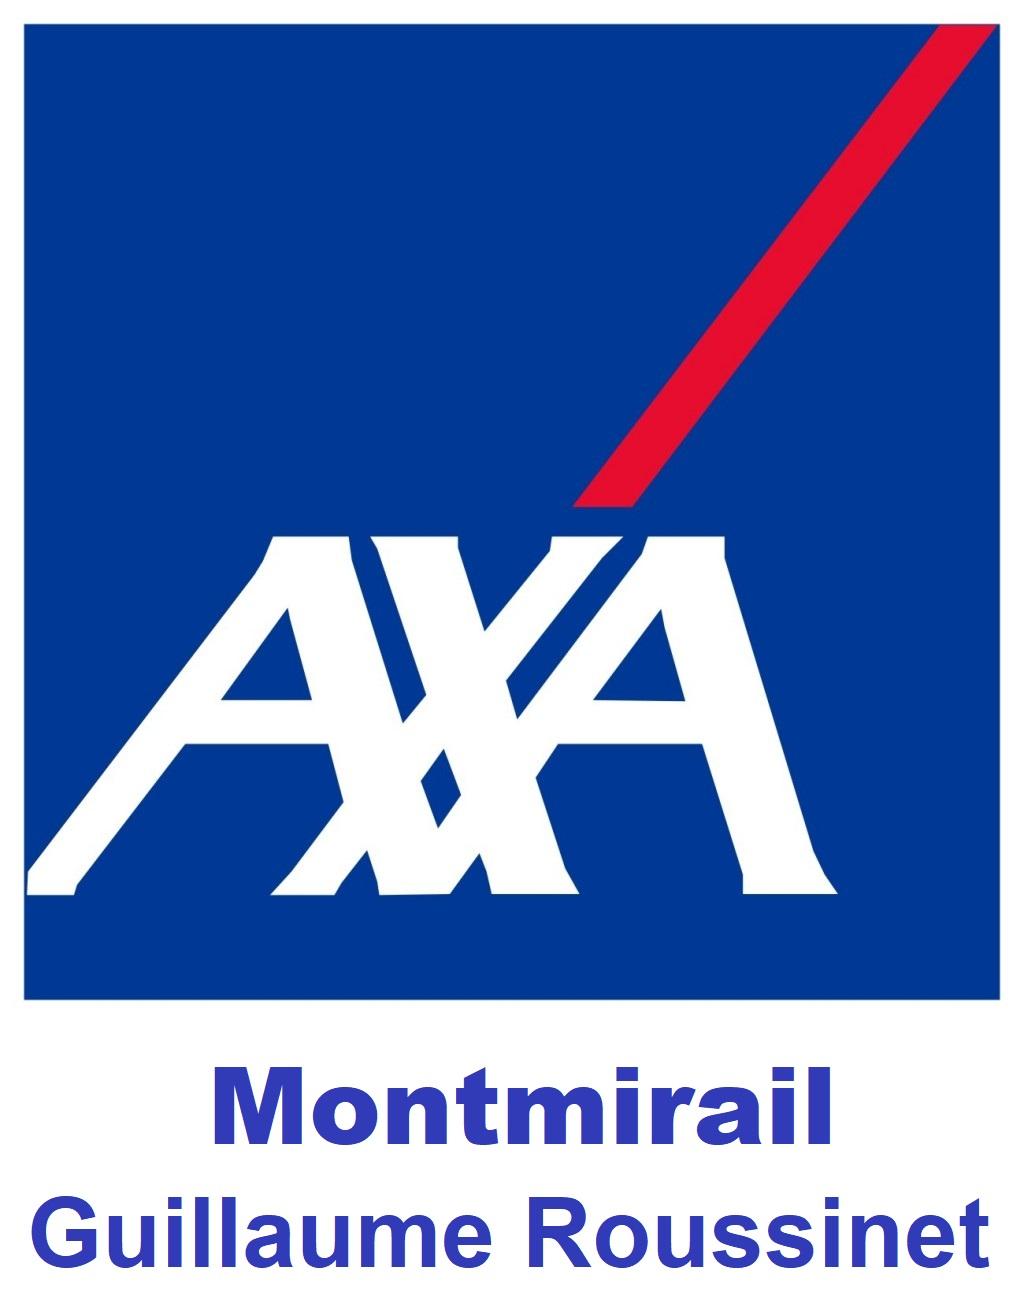 AXA Montmirail – Guillaume Roussinet